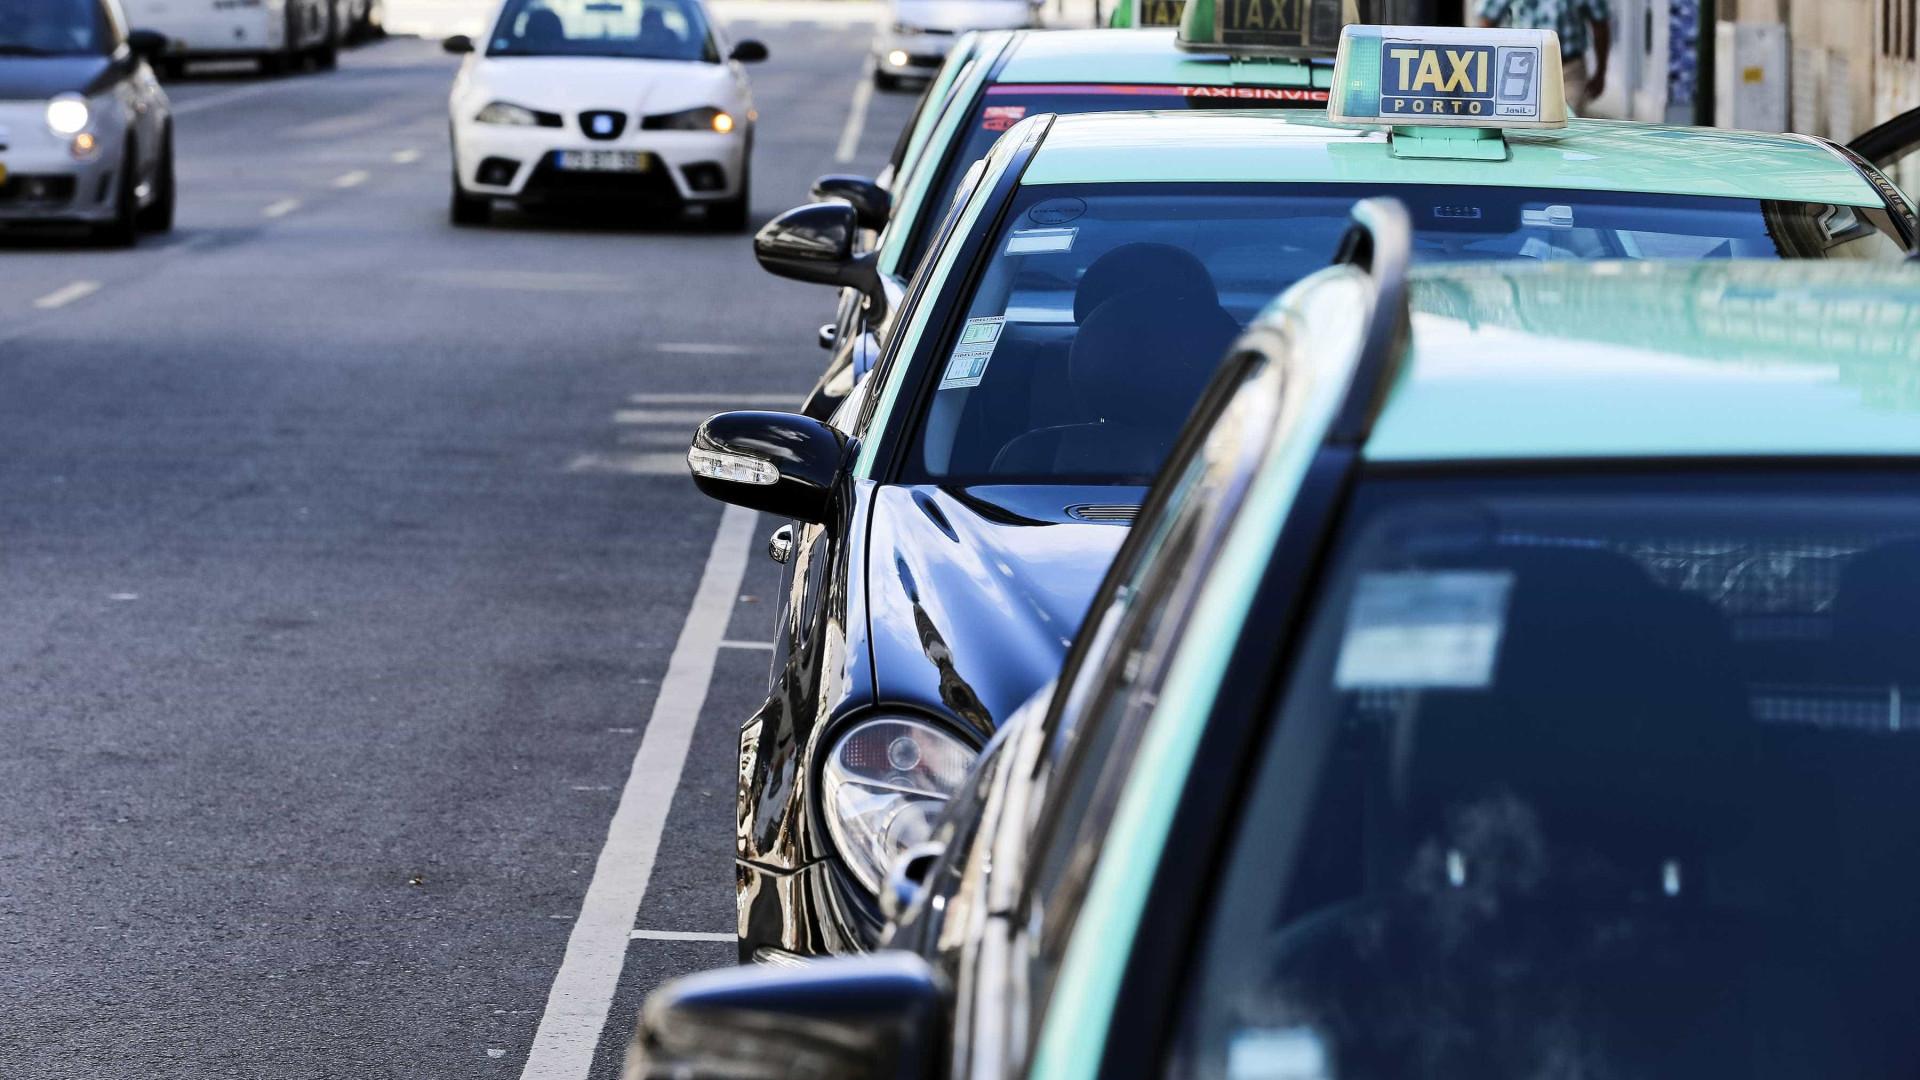 Taxista detido em Lisboa por cobrar tarifa errada a turistas